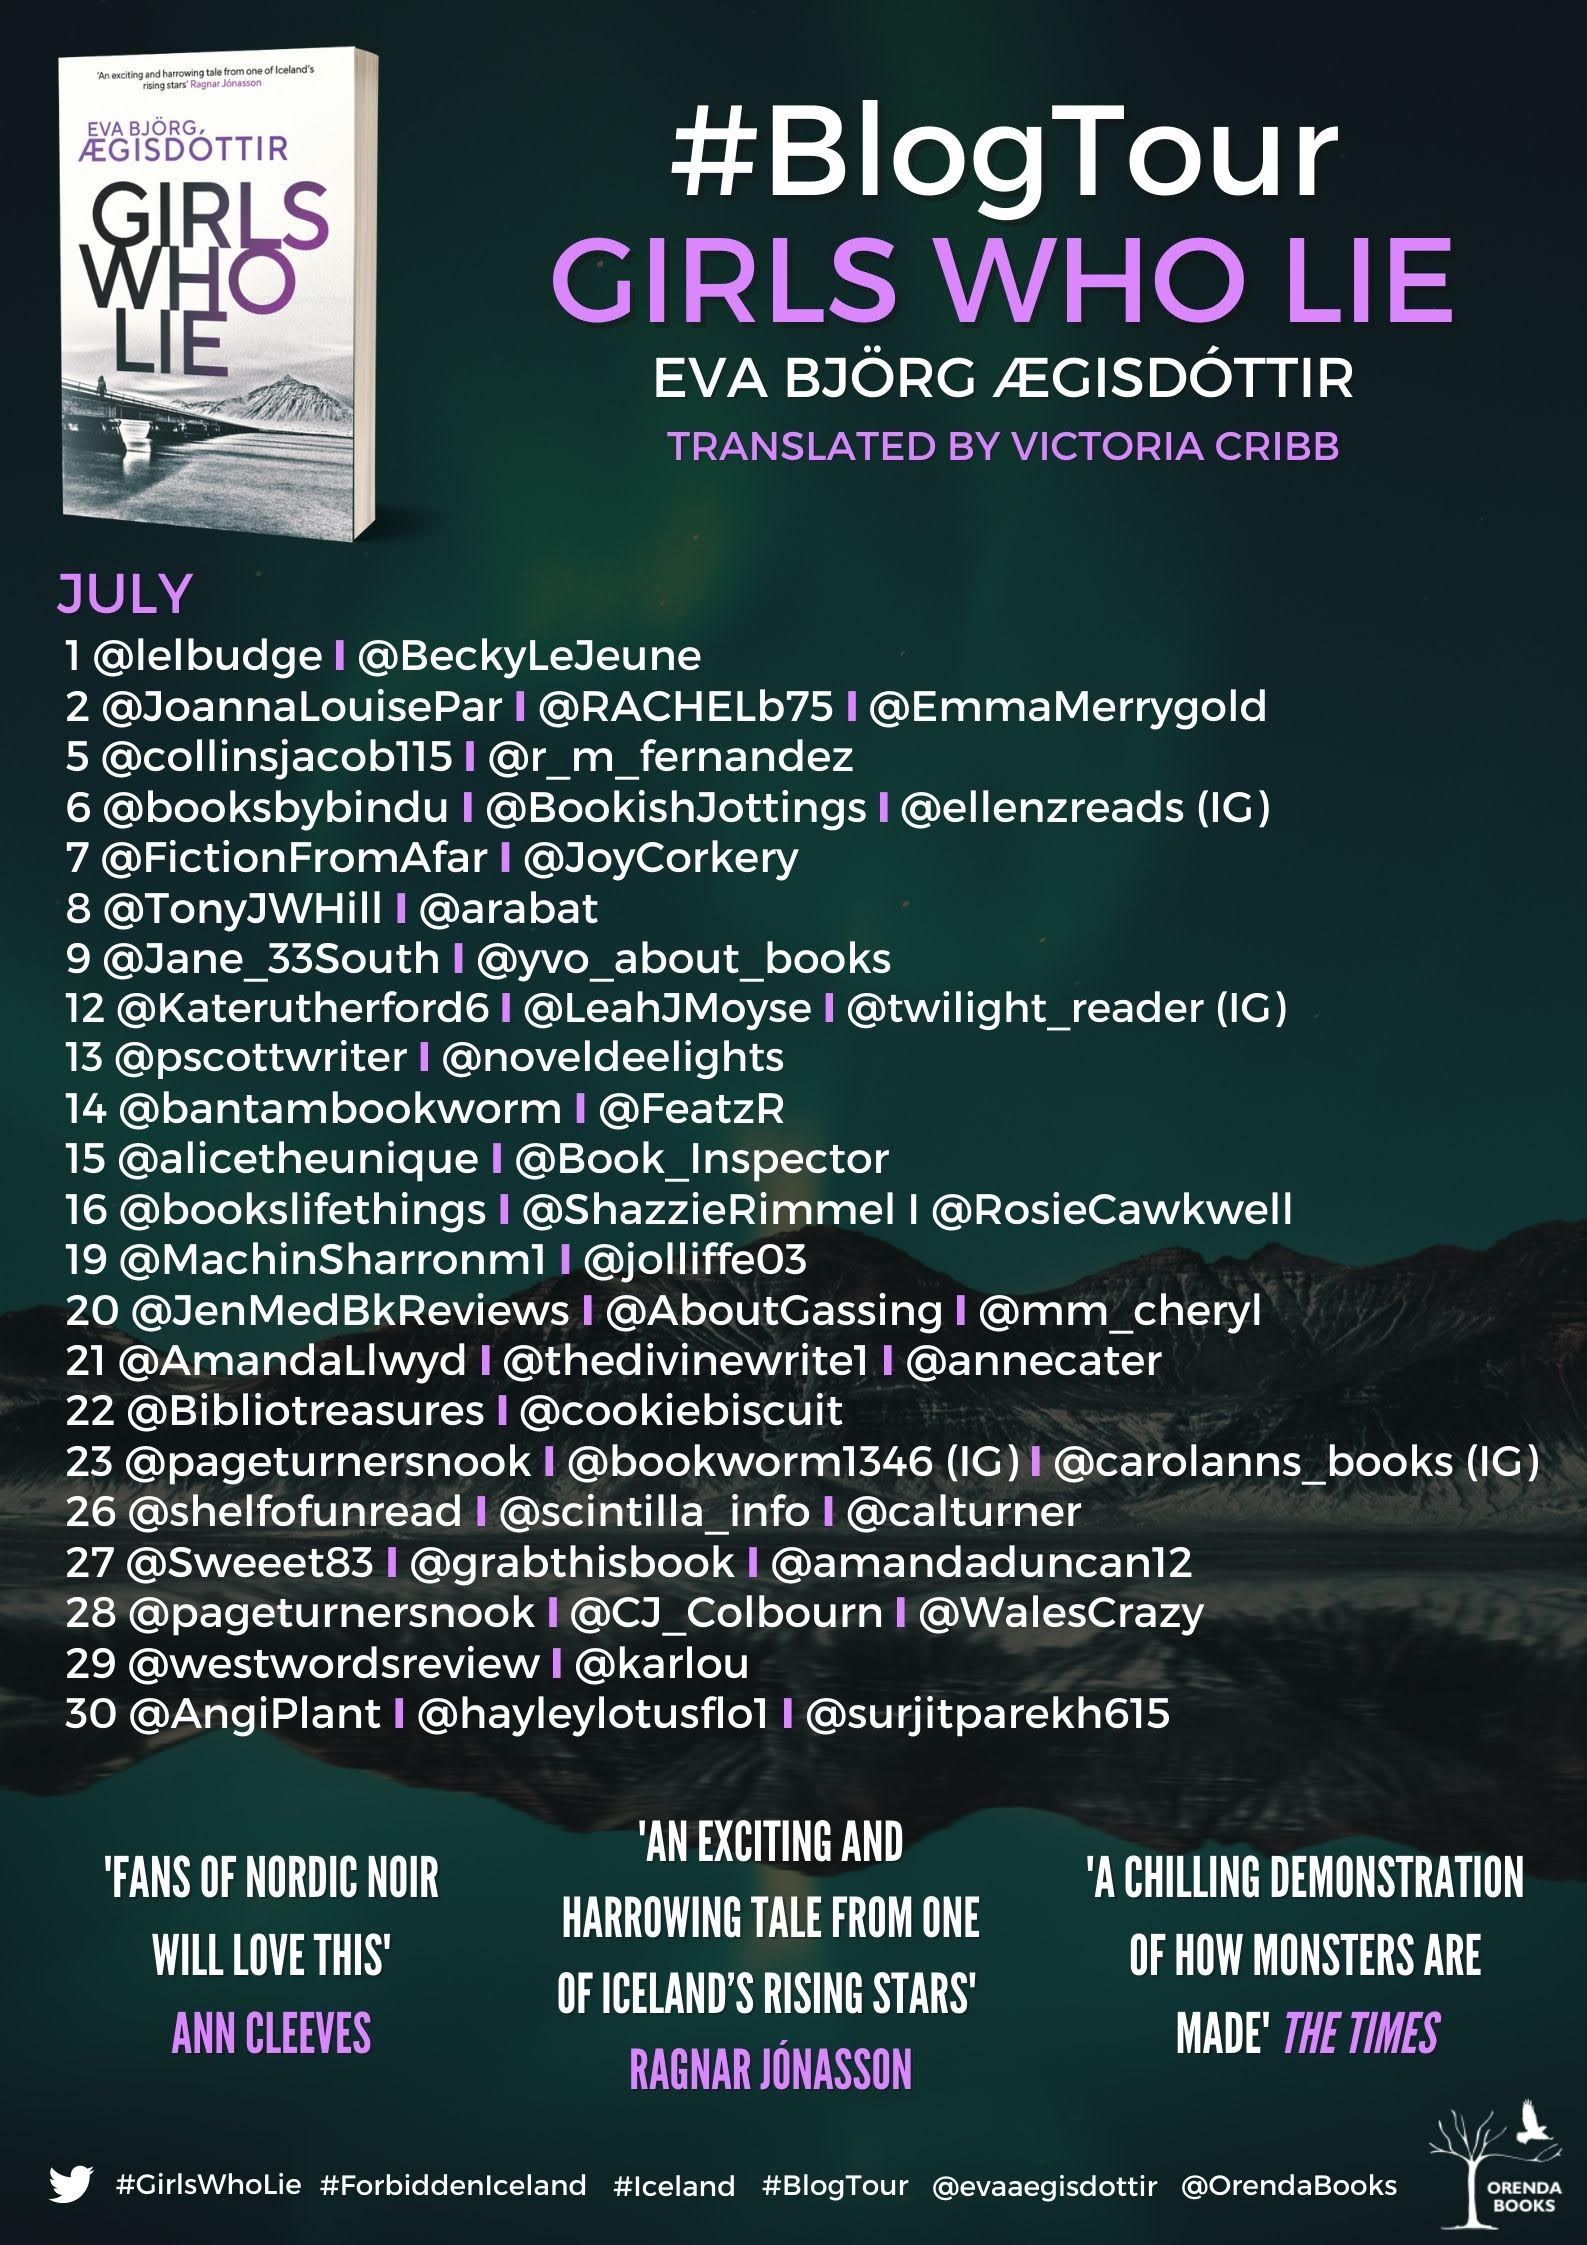 Girls Who Lie BT Poster